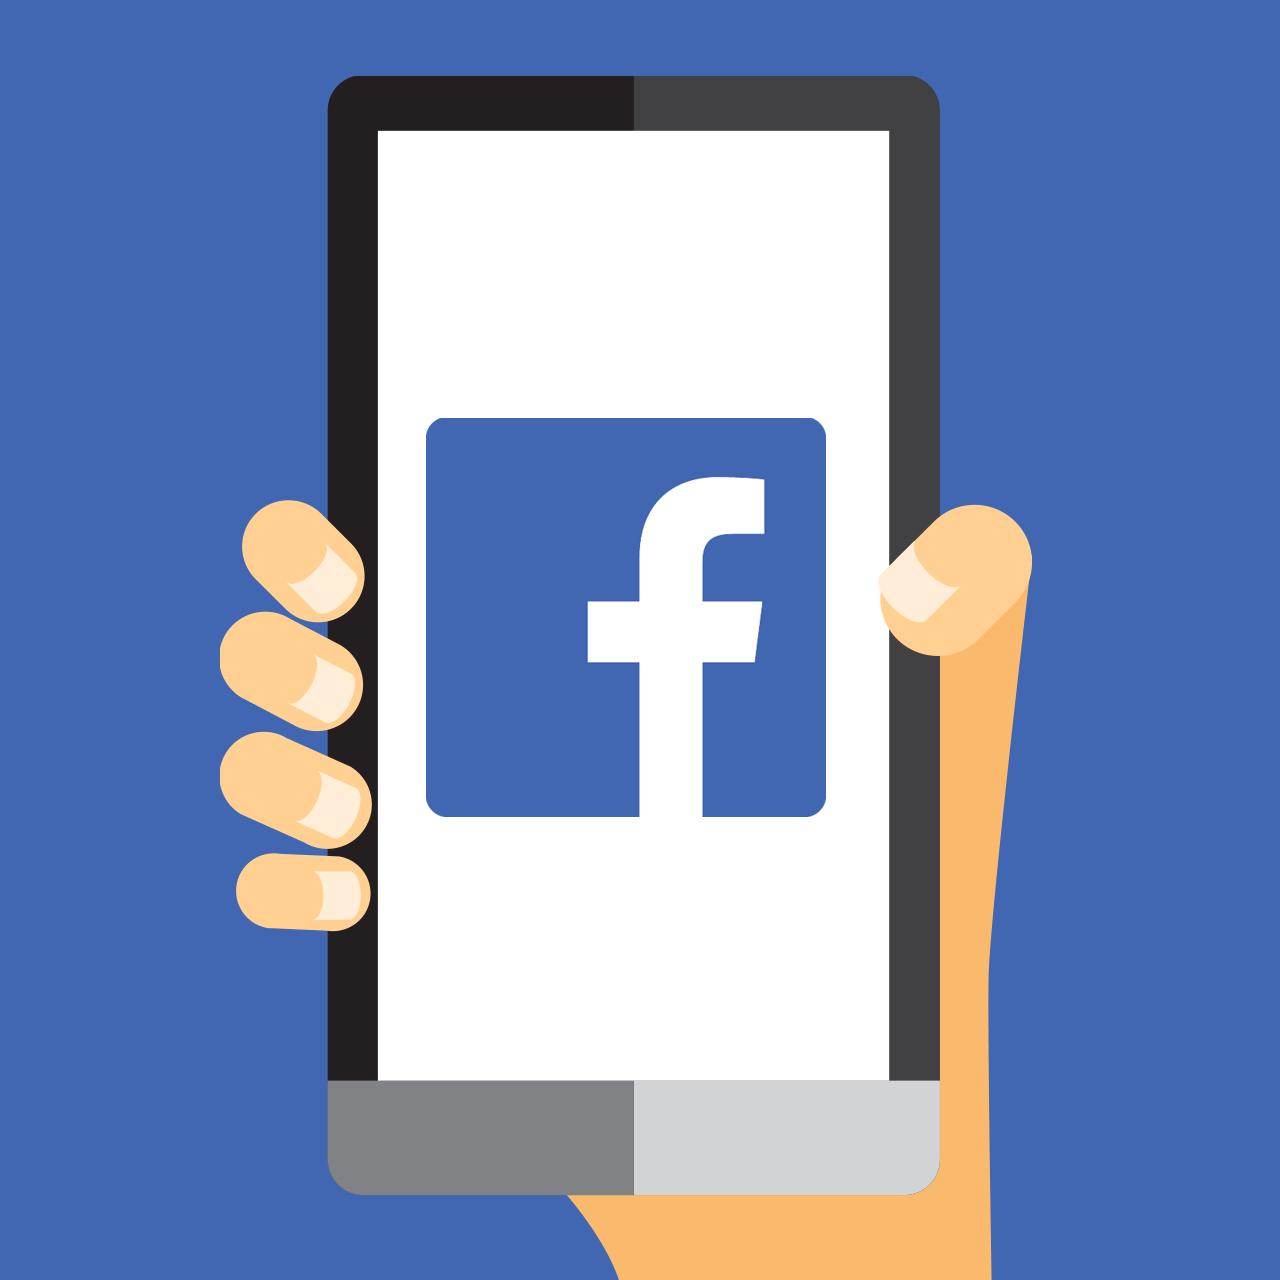 Facebookアカウント運用代行